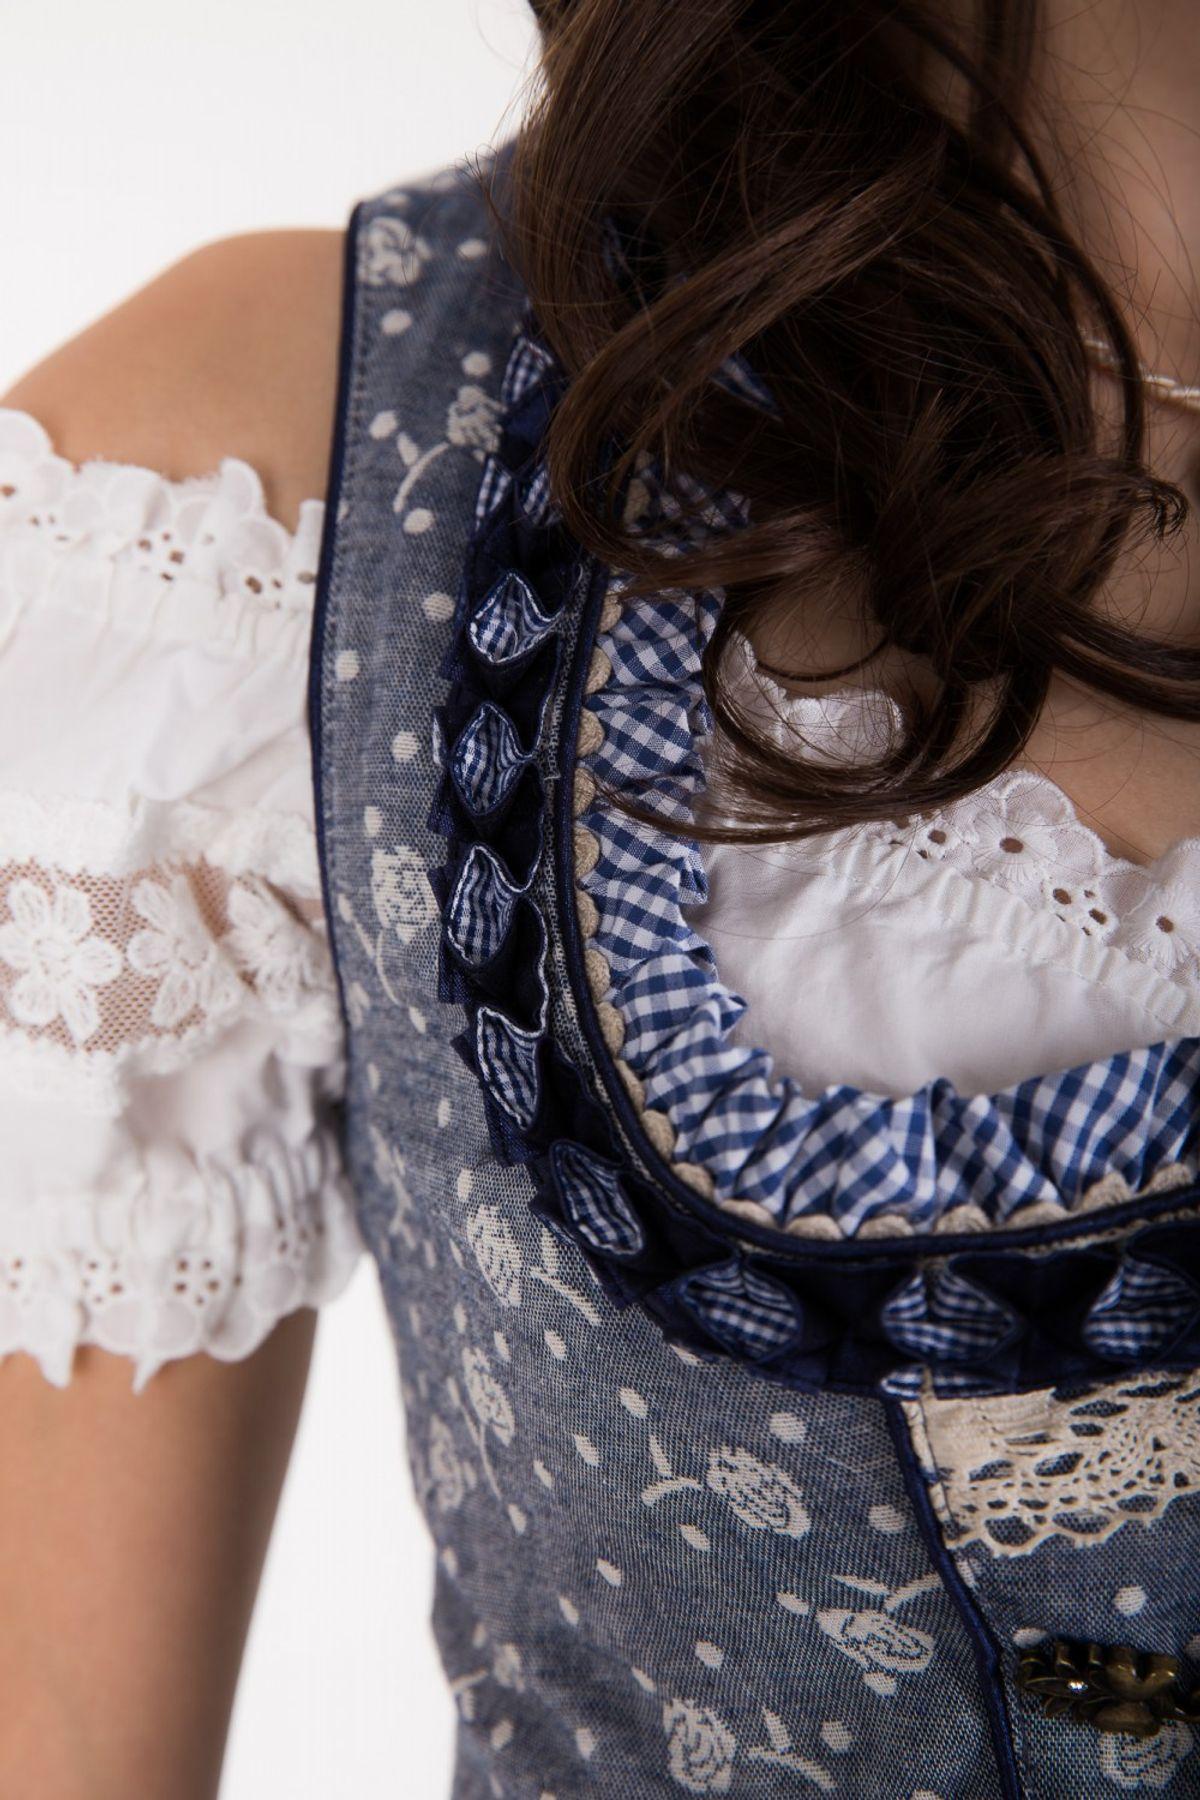 Krüger - Damen Trachten Mieder in Jeans Optik aus 100% Baumwolle, Michaela (Artikelnummer: 33573-8) – Bild 2